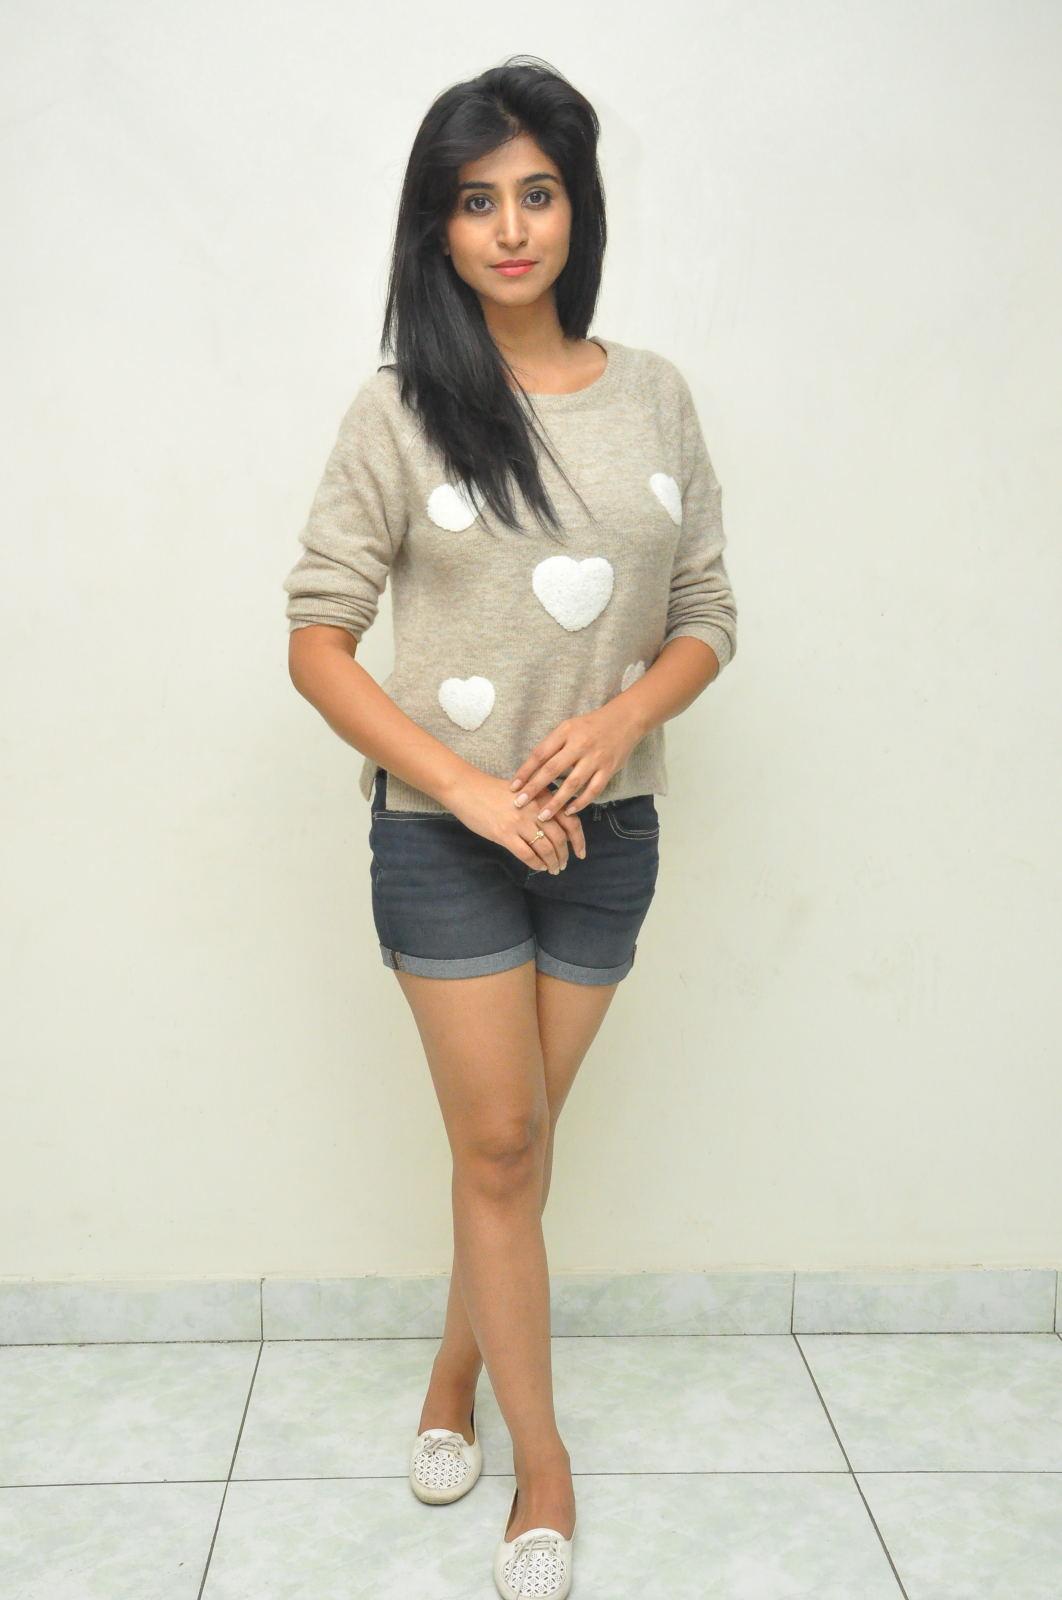 Shamili new cute photos gallery-HQ-Photo-9